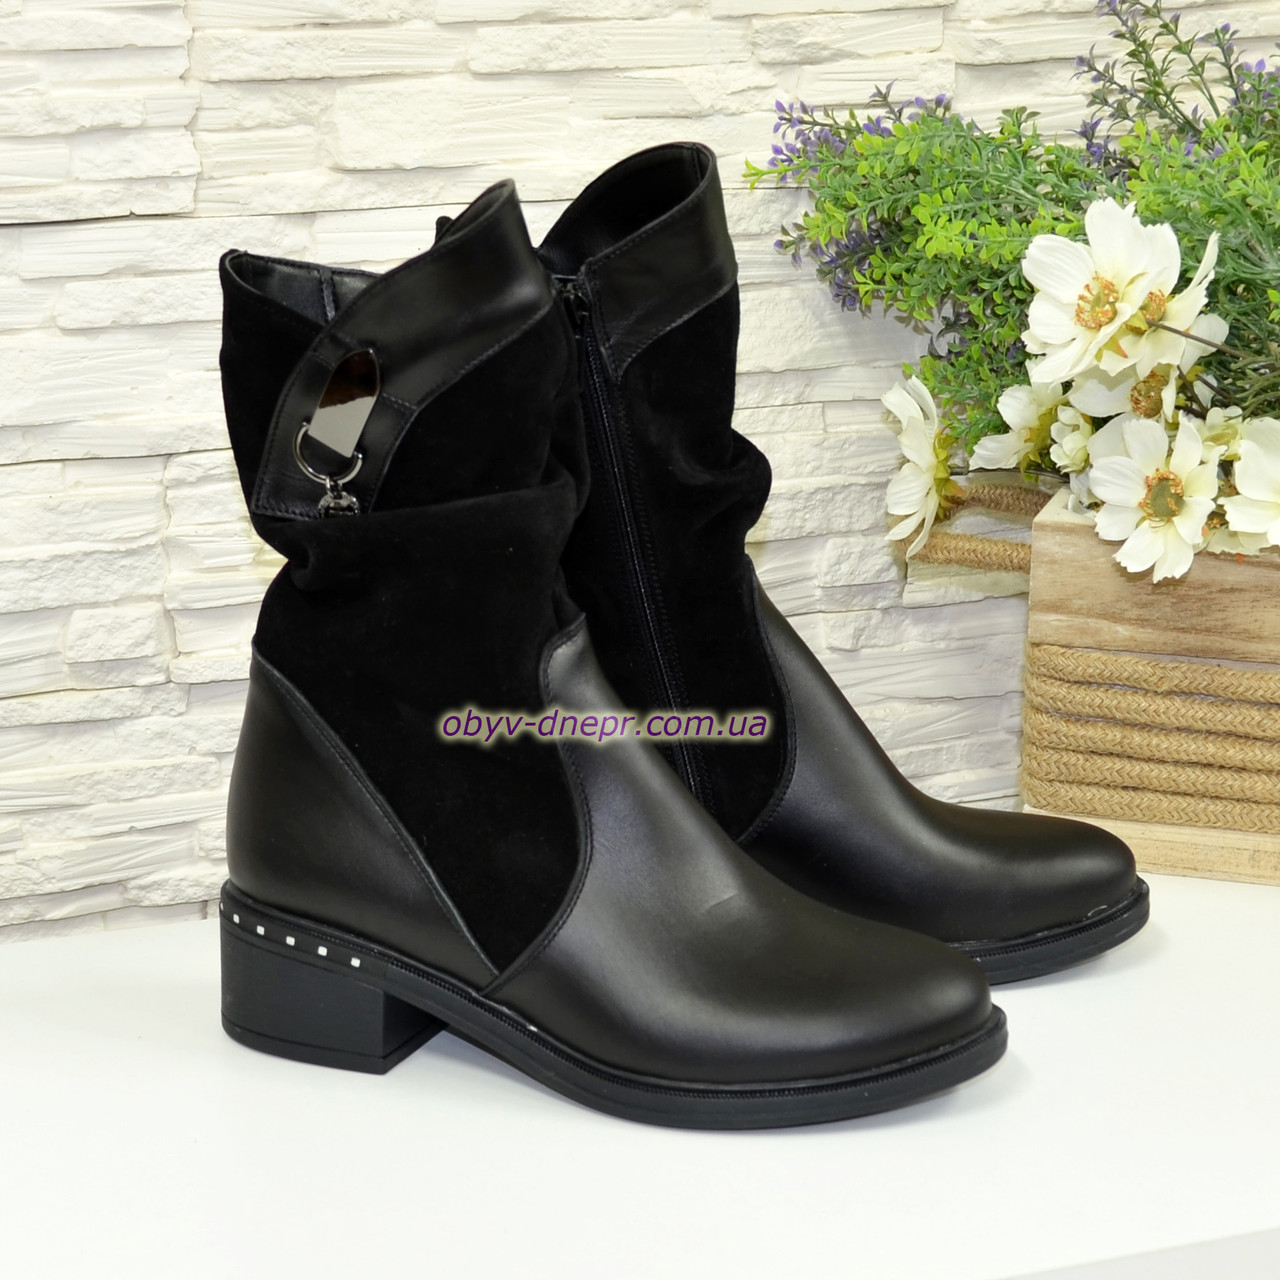 Женские демисезонные ботинки на невысоком каблуке классического пошива